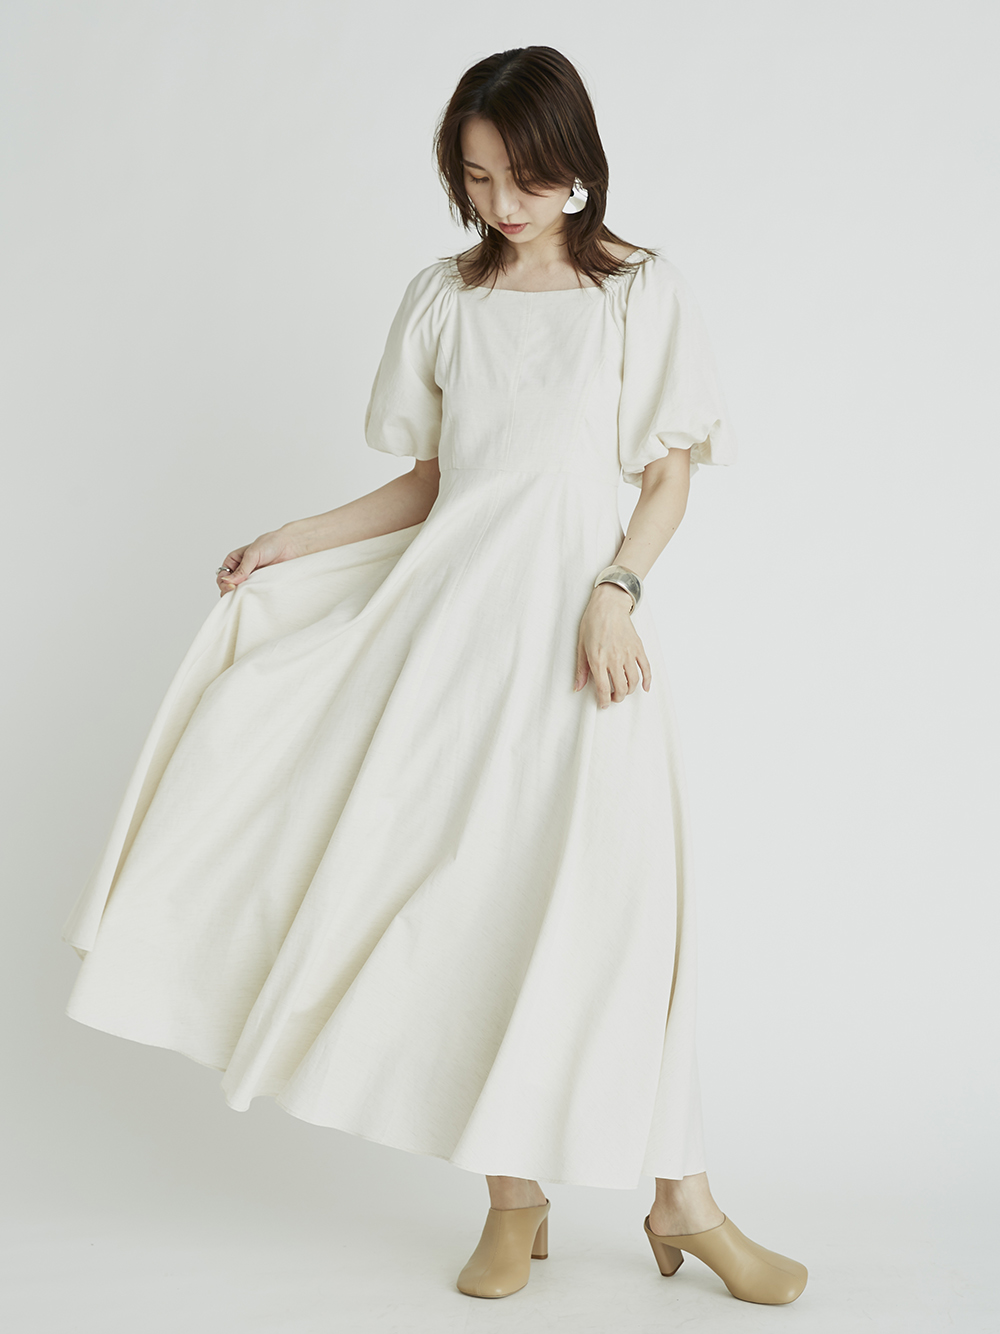 パフスリーブワンピース(【オフィシャルEC/博多阪急店限定】IVR-0)